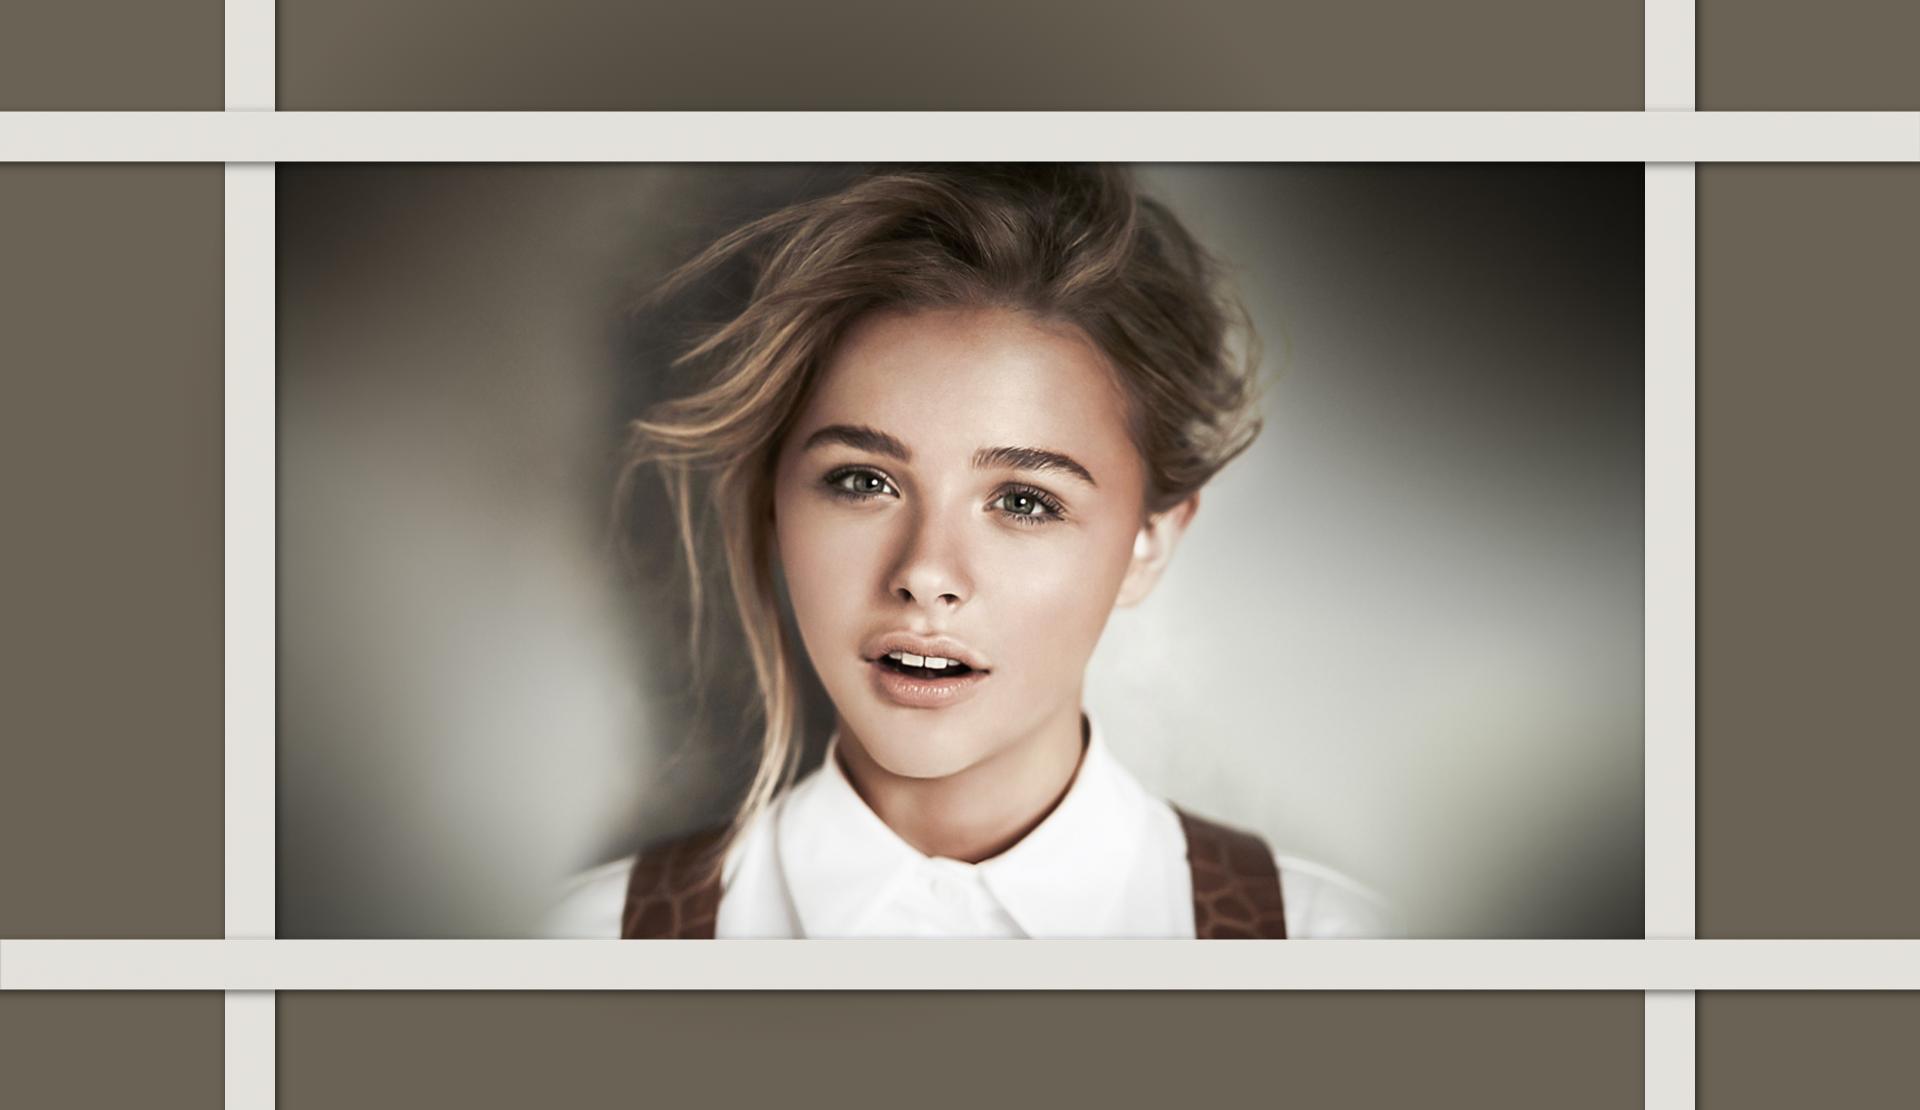 Fondos de pantalla : cara, mujer, fotografía, Marcos de cuadros ...